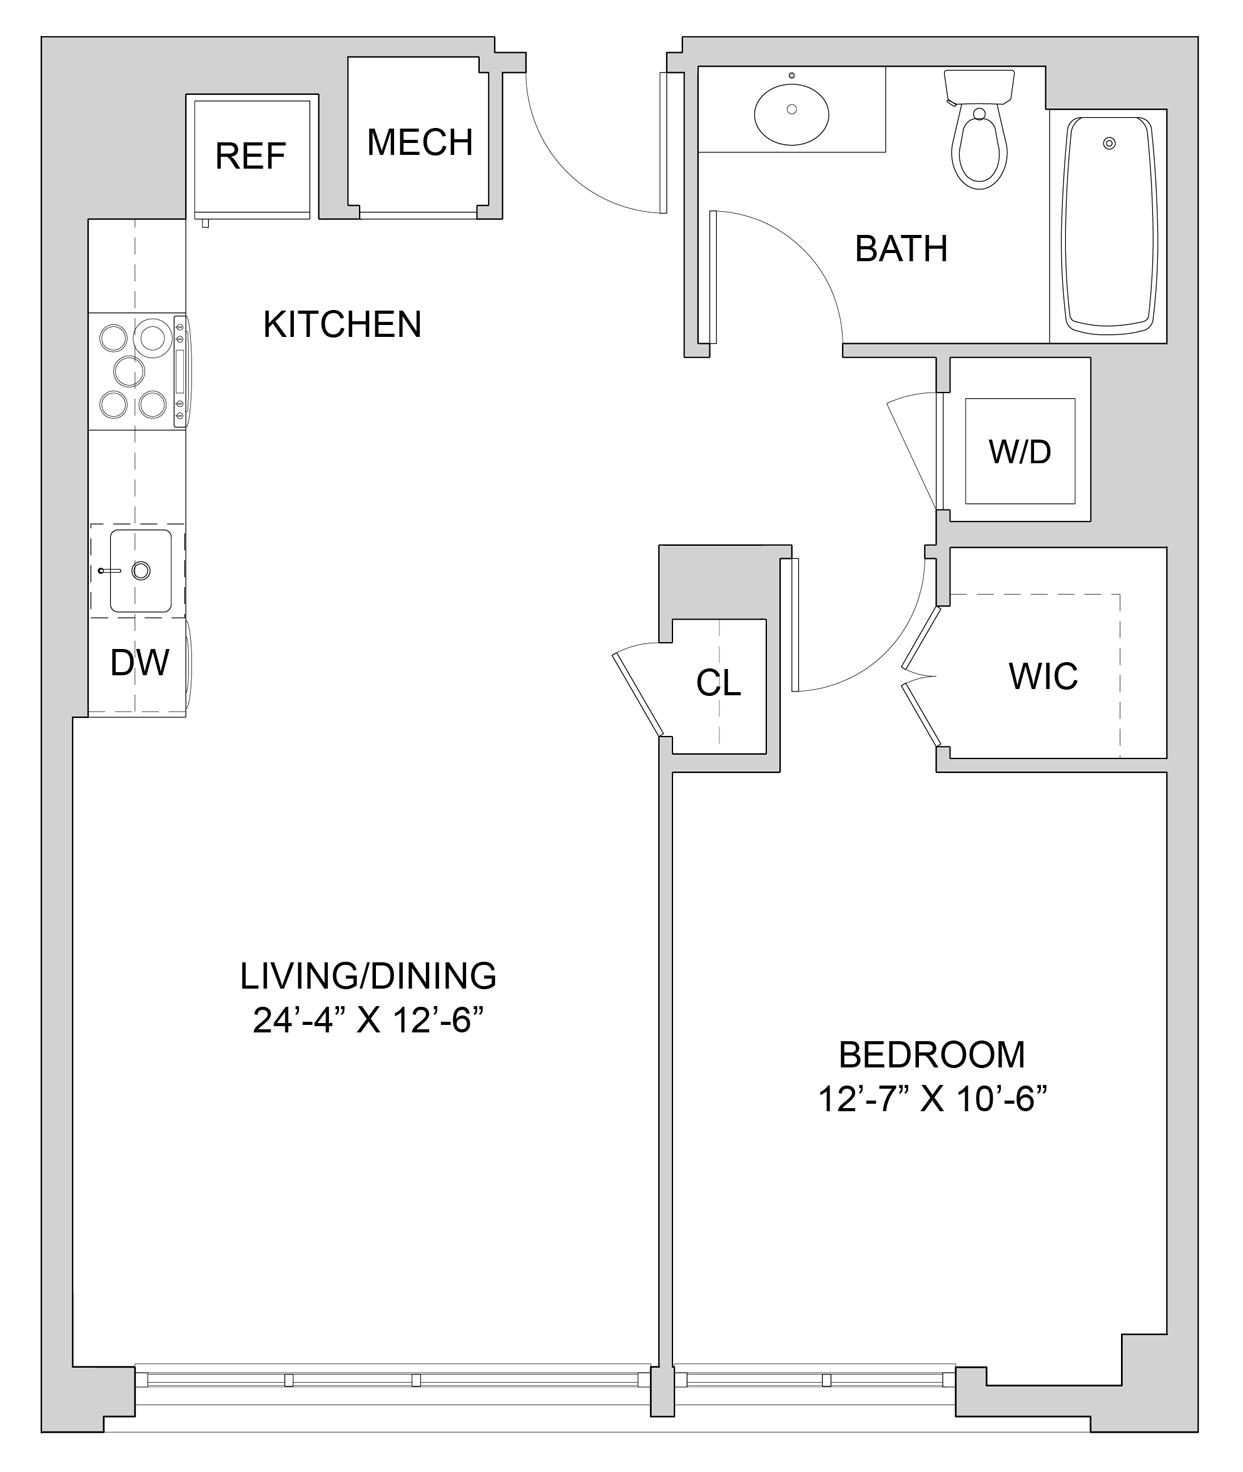 Floorplan N234 Image